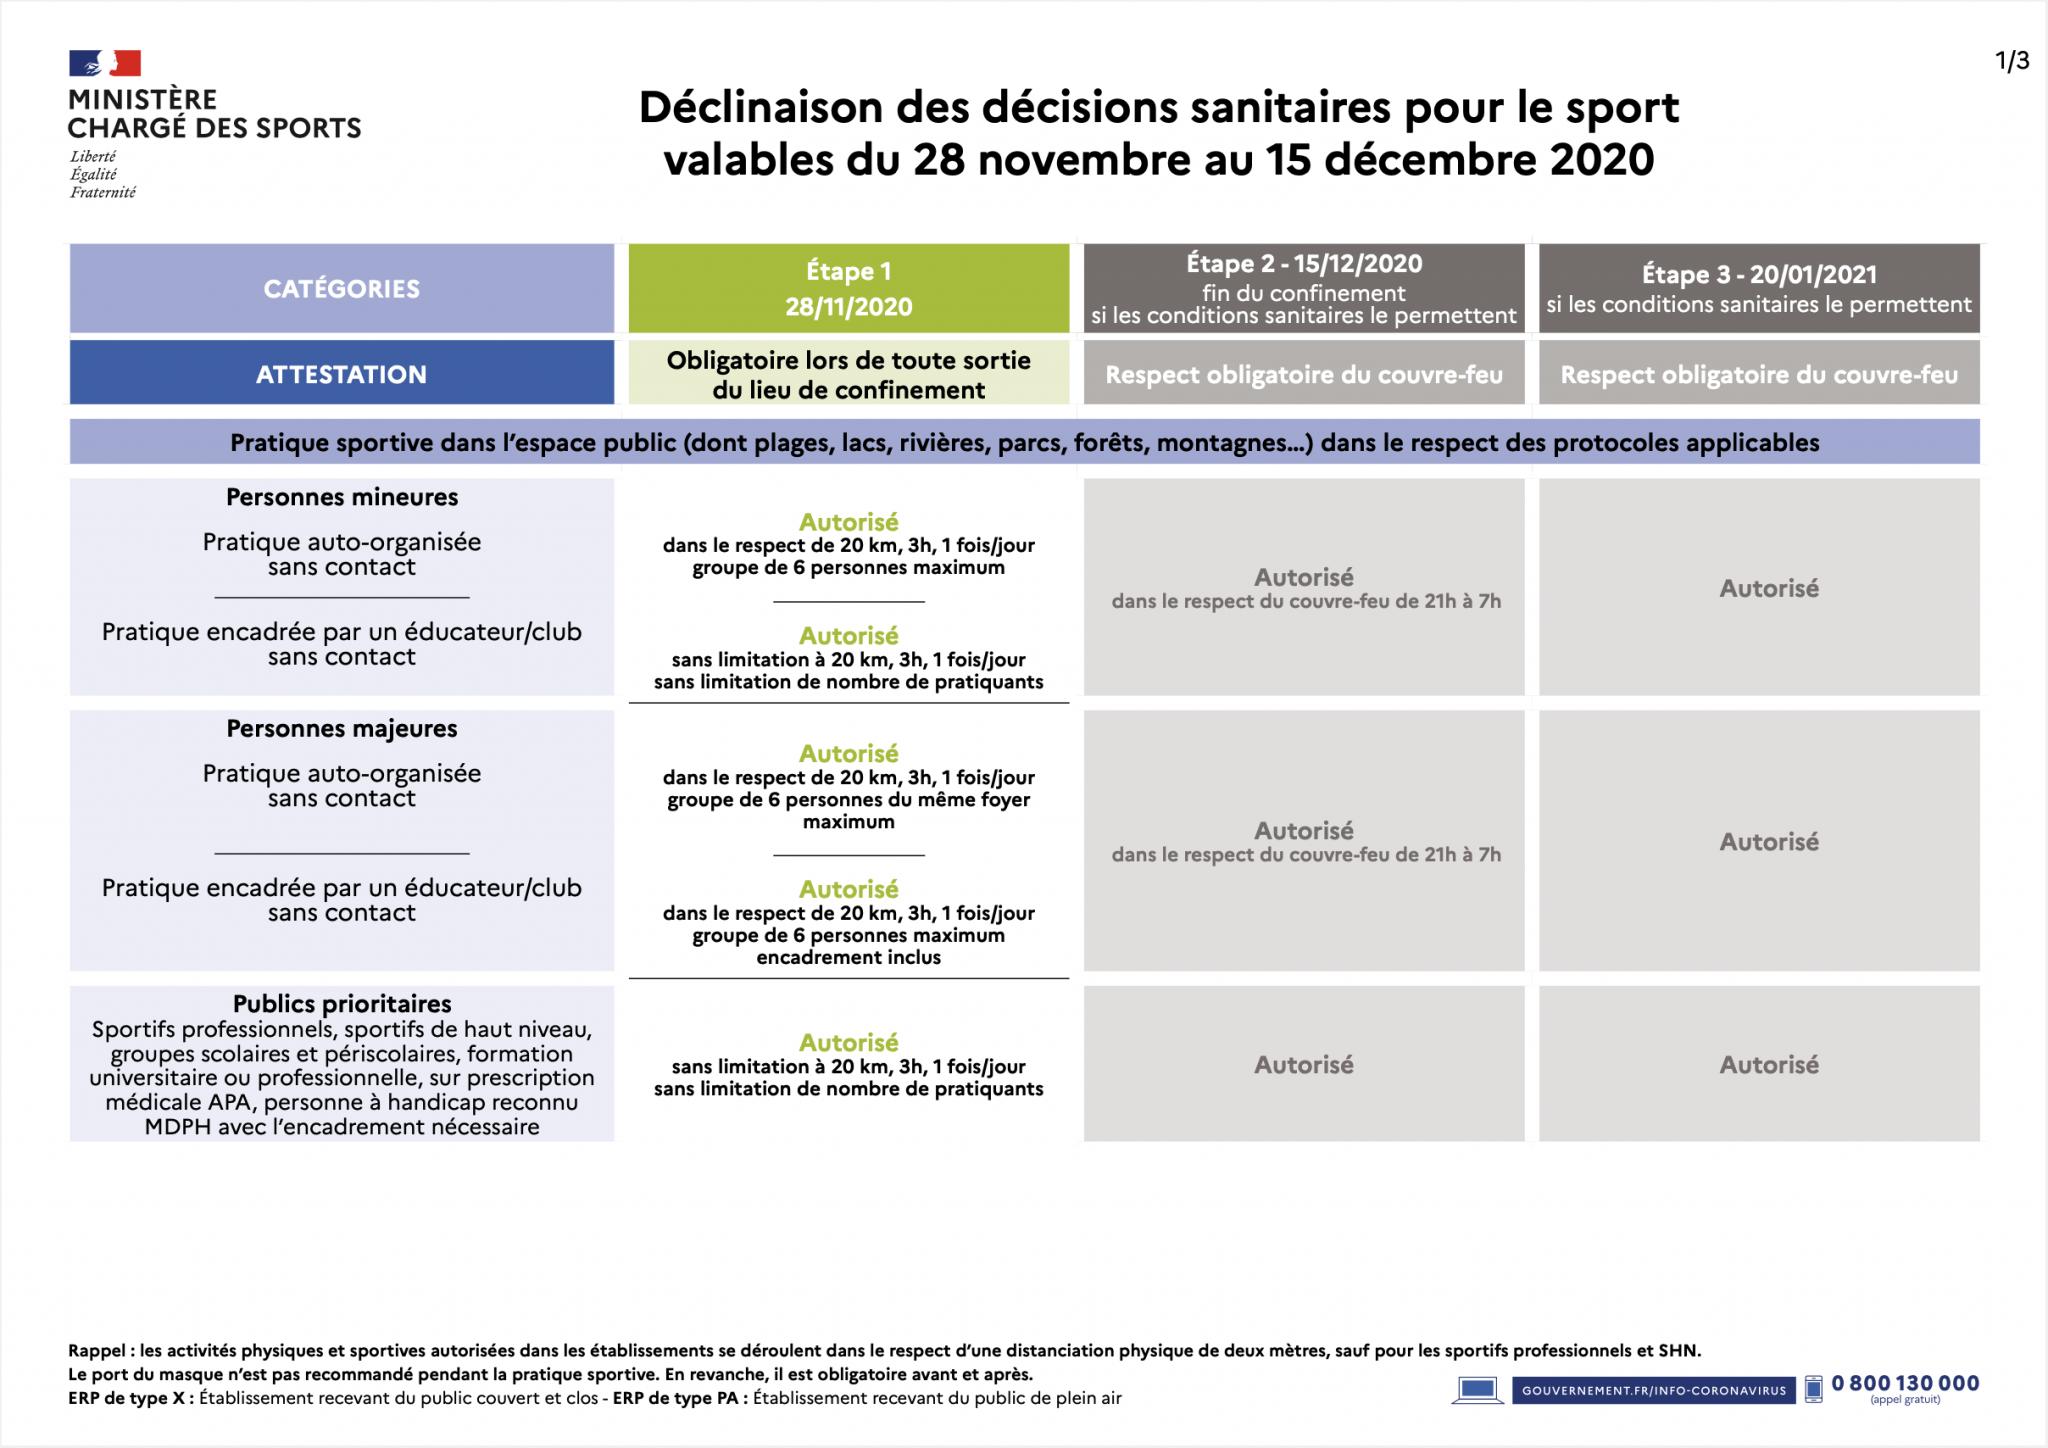 Mesures relatives au déconfinement progressif applicables au sport